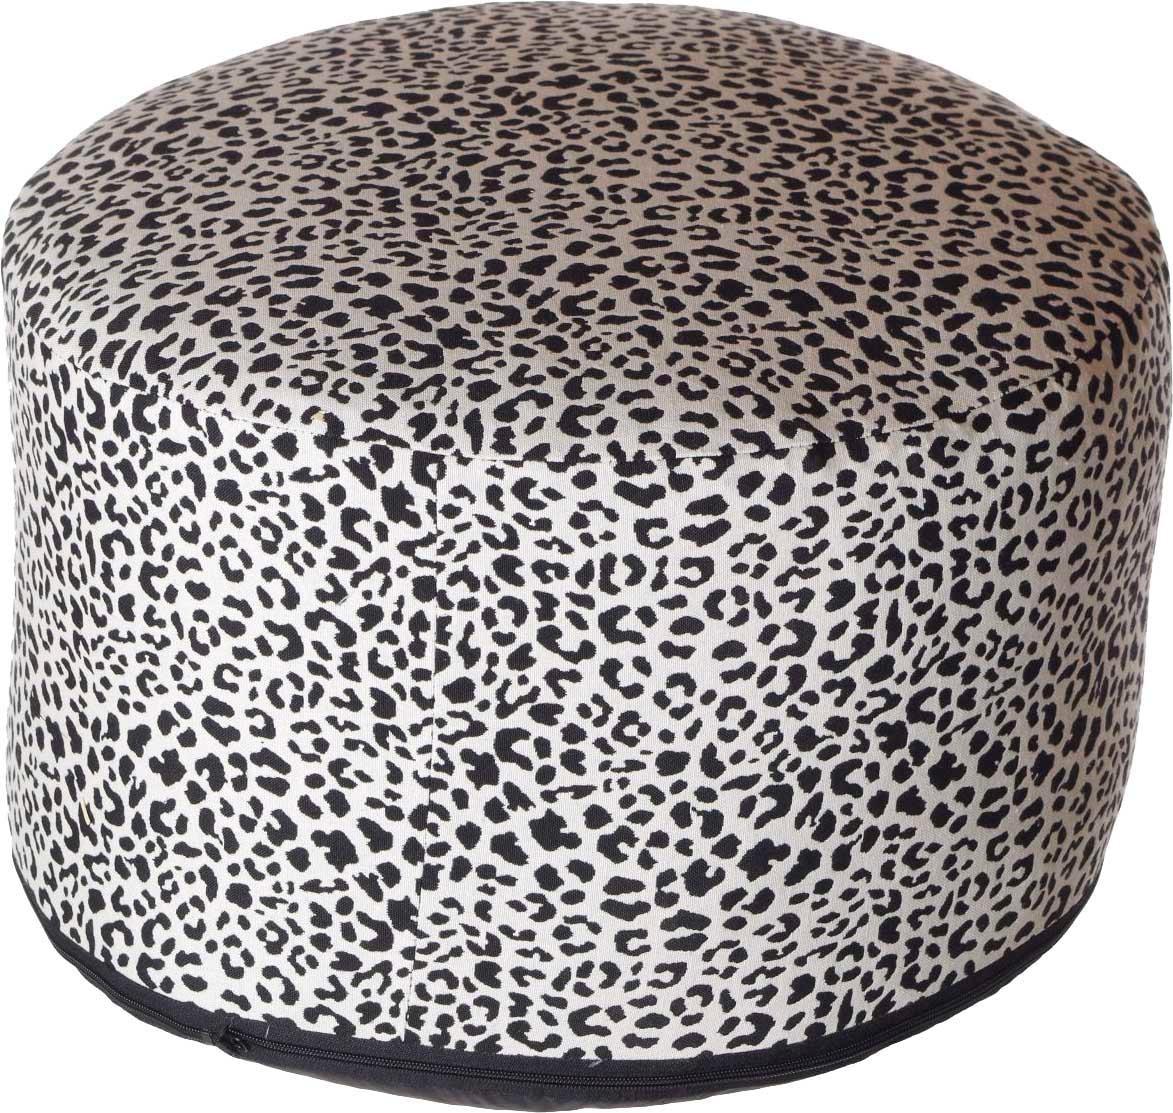 Home affaire Sitzkissen Gepard 50/34 cm